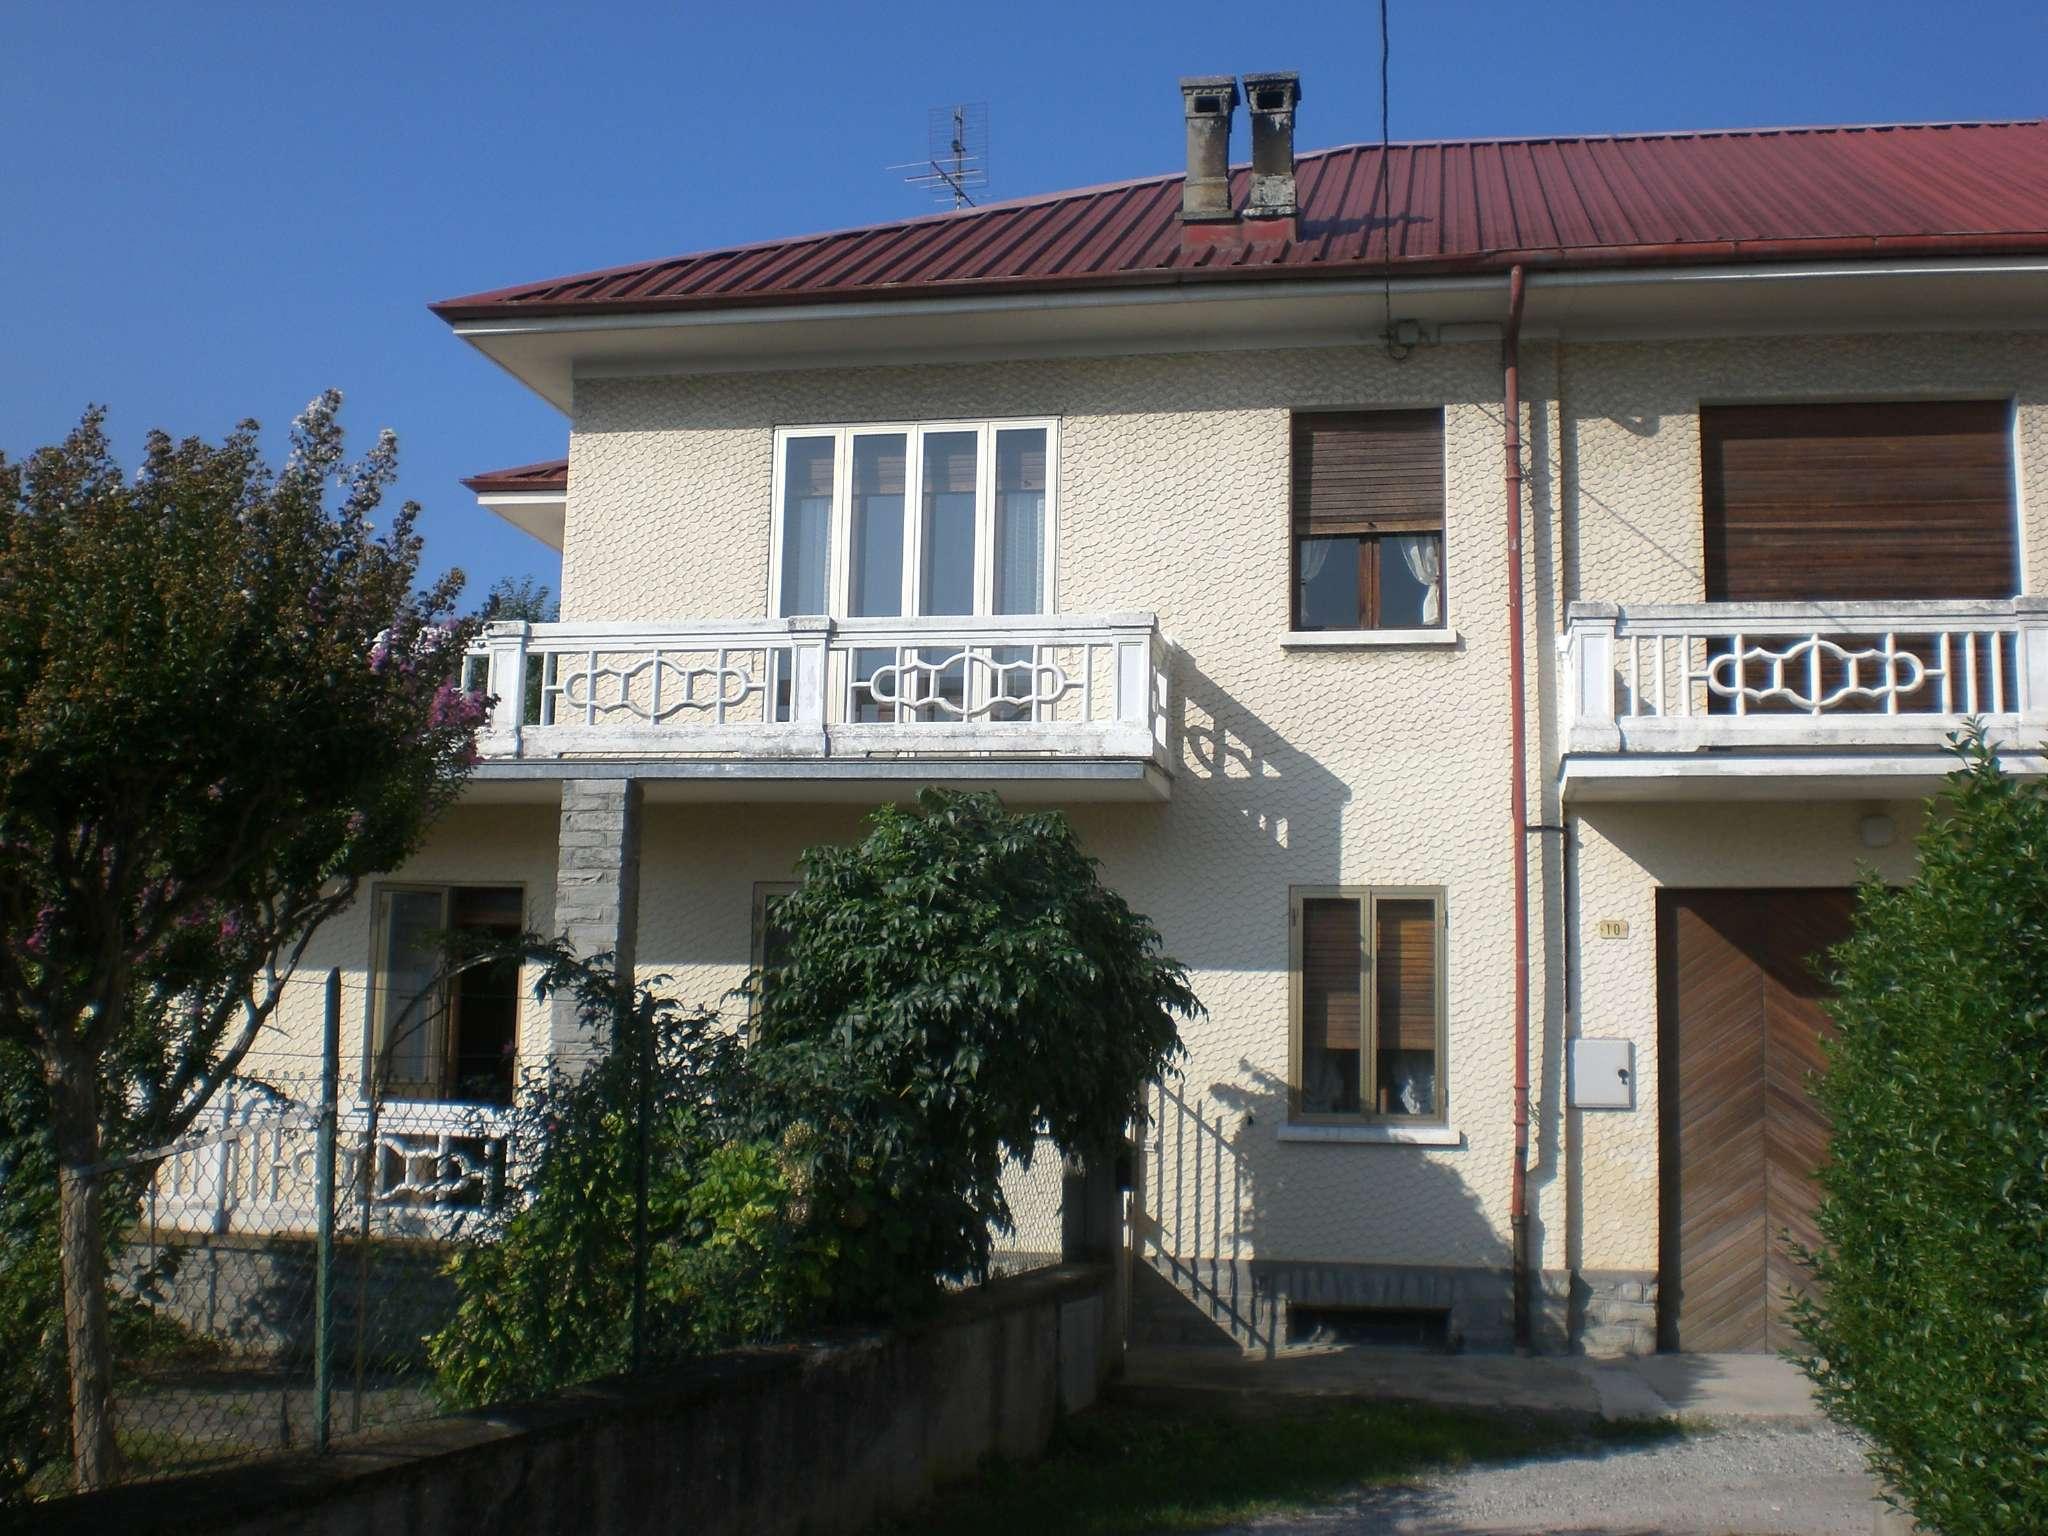 Appartamento in vendita a Bussoleno, 9999 locali, prezzo € 88.000 | CambioCasa.it